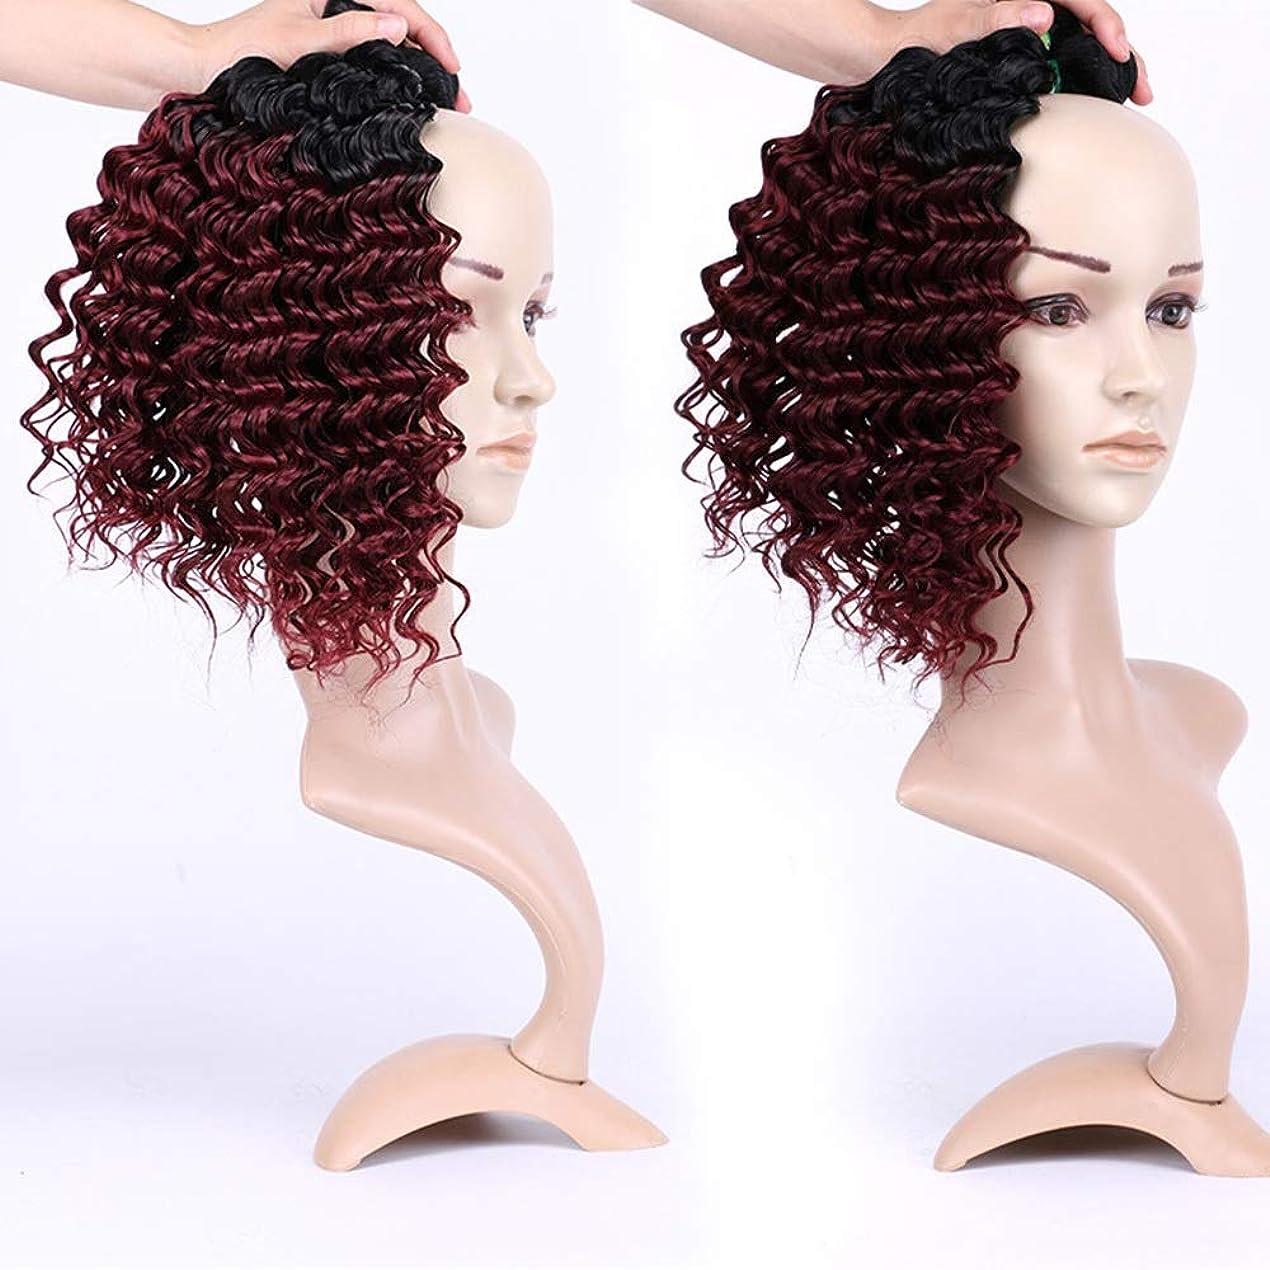 ウイルス著名な極めて重要なMayalina ブラジルの髪の深い波髪織り3バンドル - ワインレッドの髪の束混合長さ(16